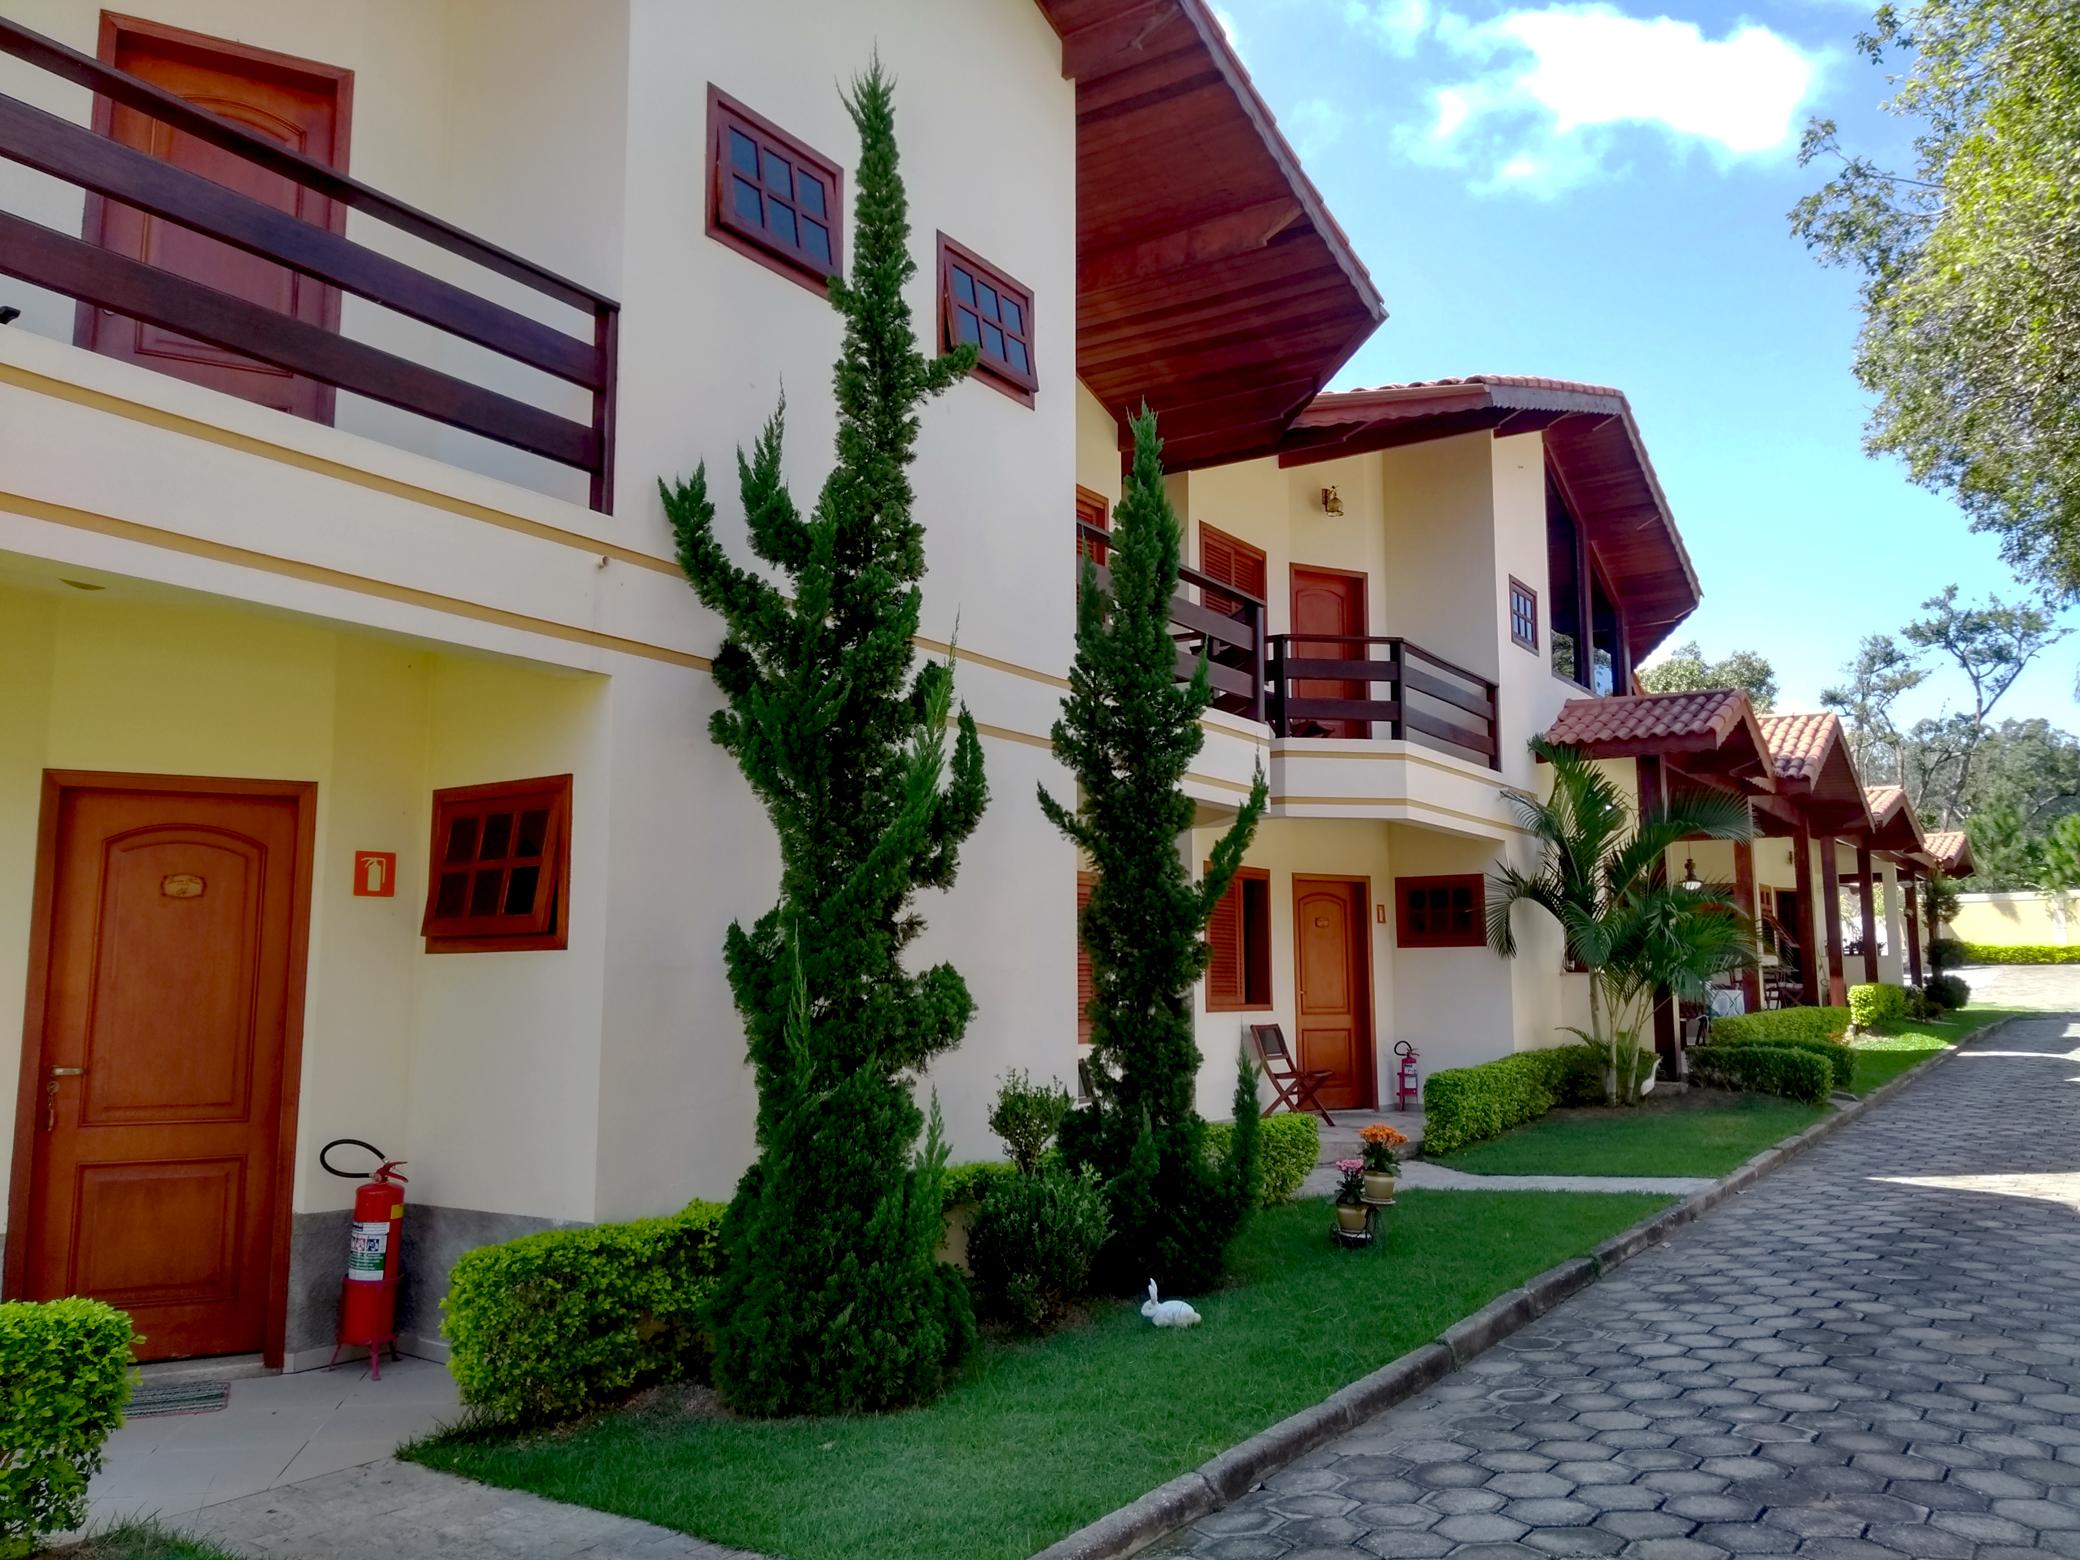 Fachadas dos apartamentos da Pousada Quinta Nova